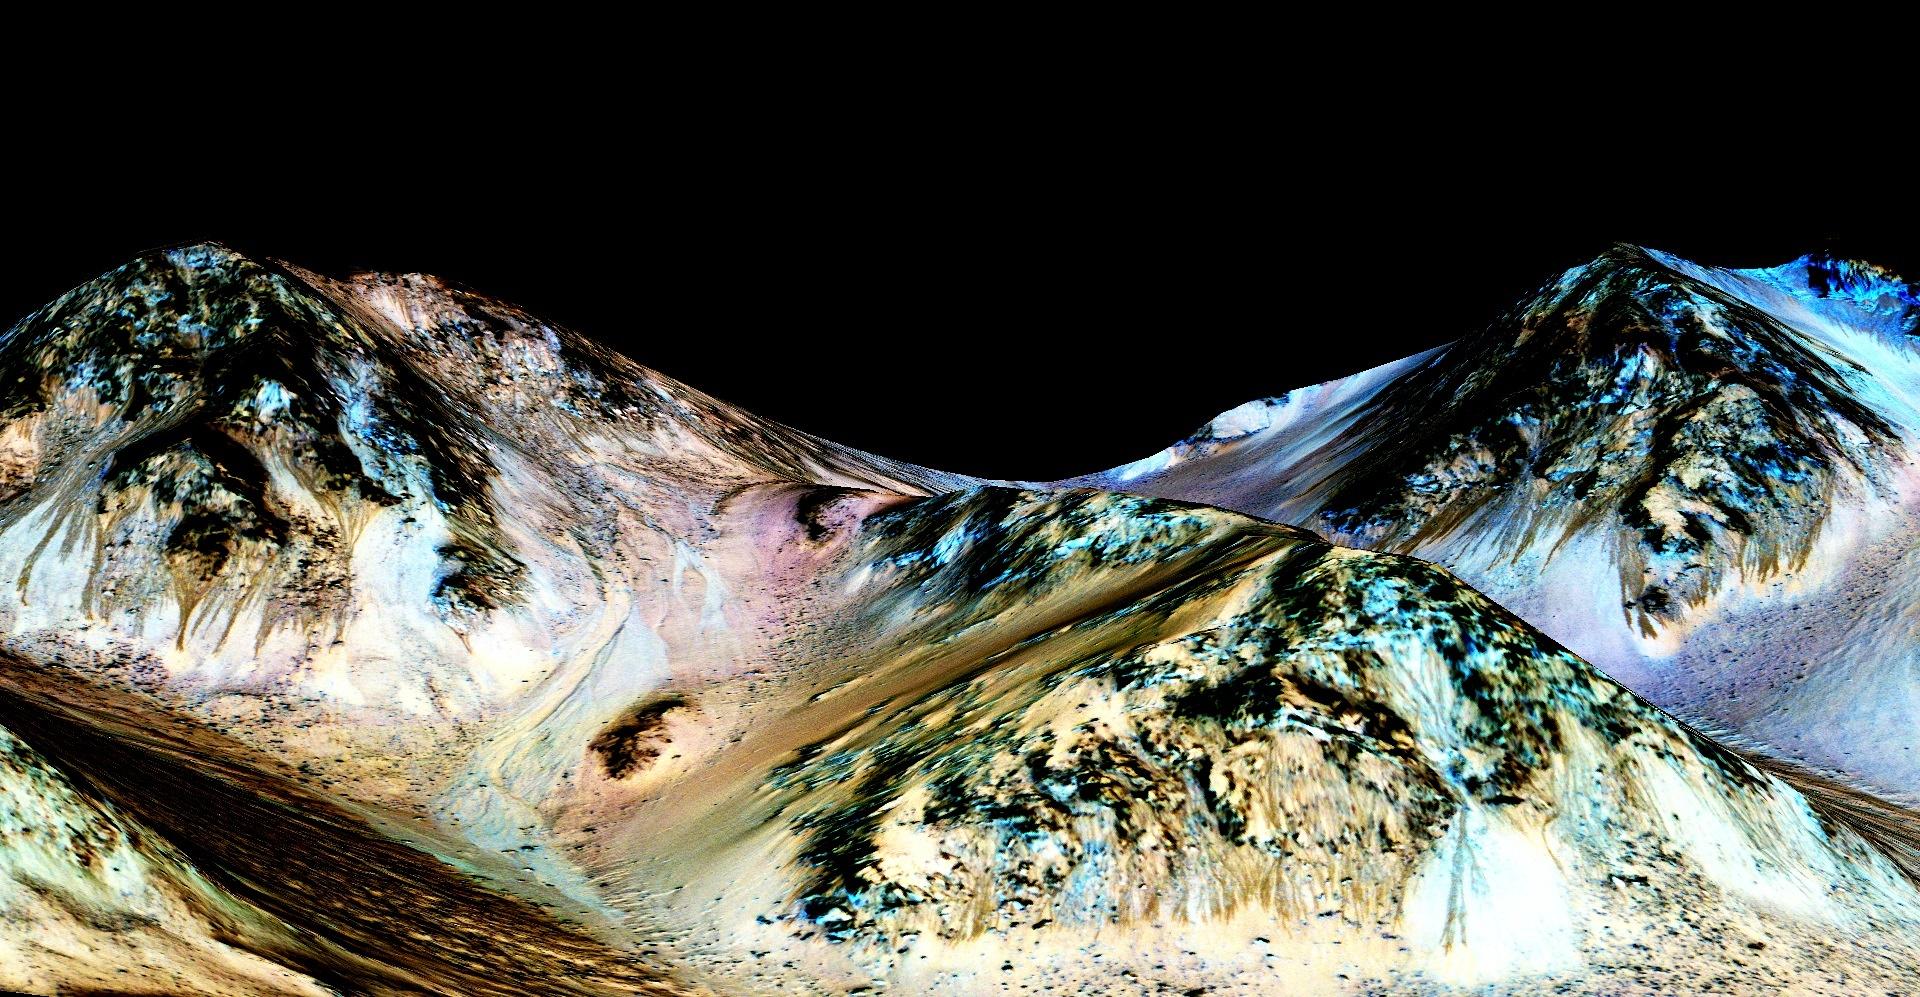 أظهر تحليل هذه الصور أنها قنوات مائية بينما البقع الزرقاء تشير إلى أماطن لوجود معادن